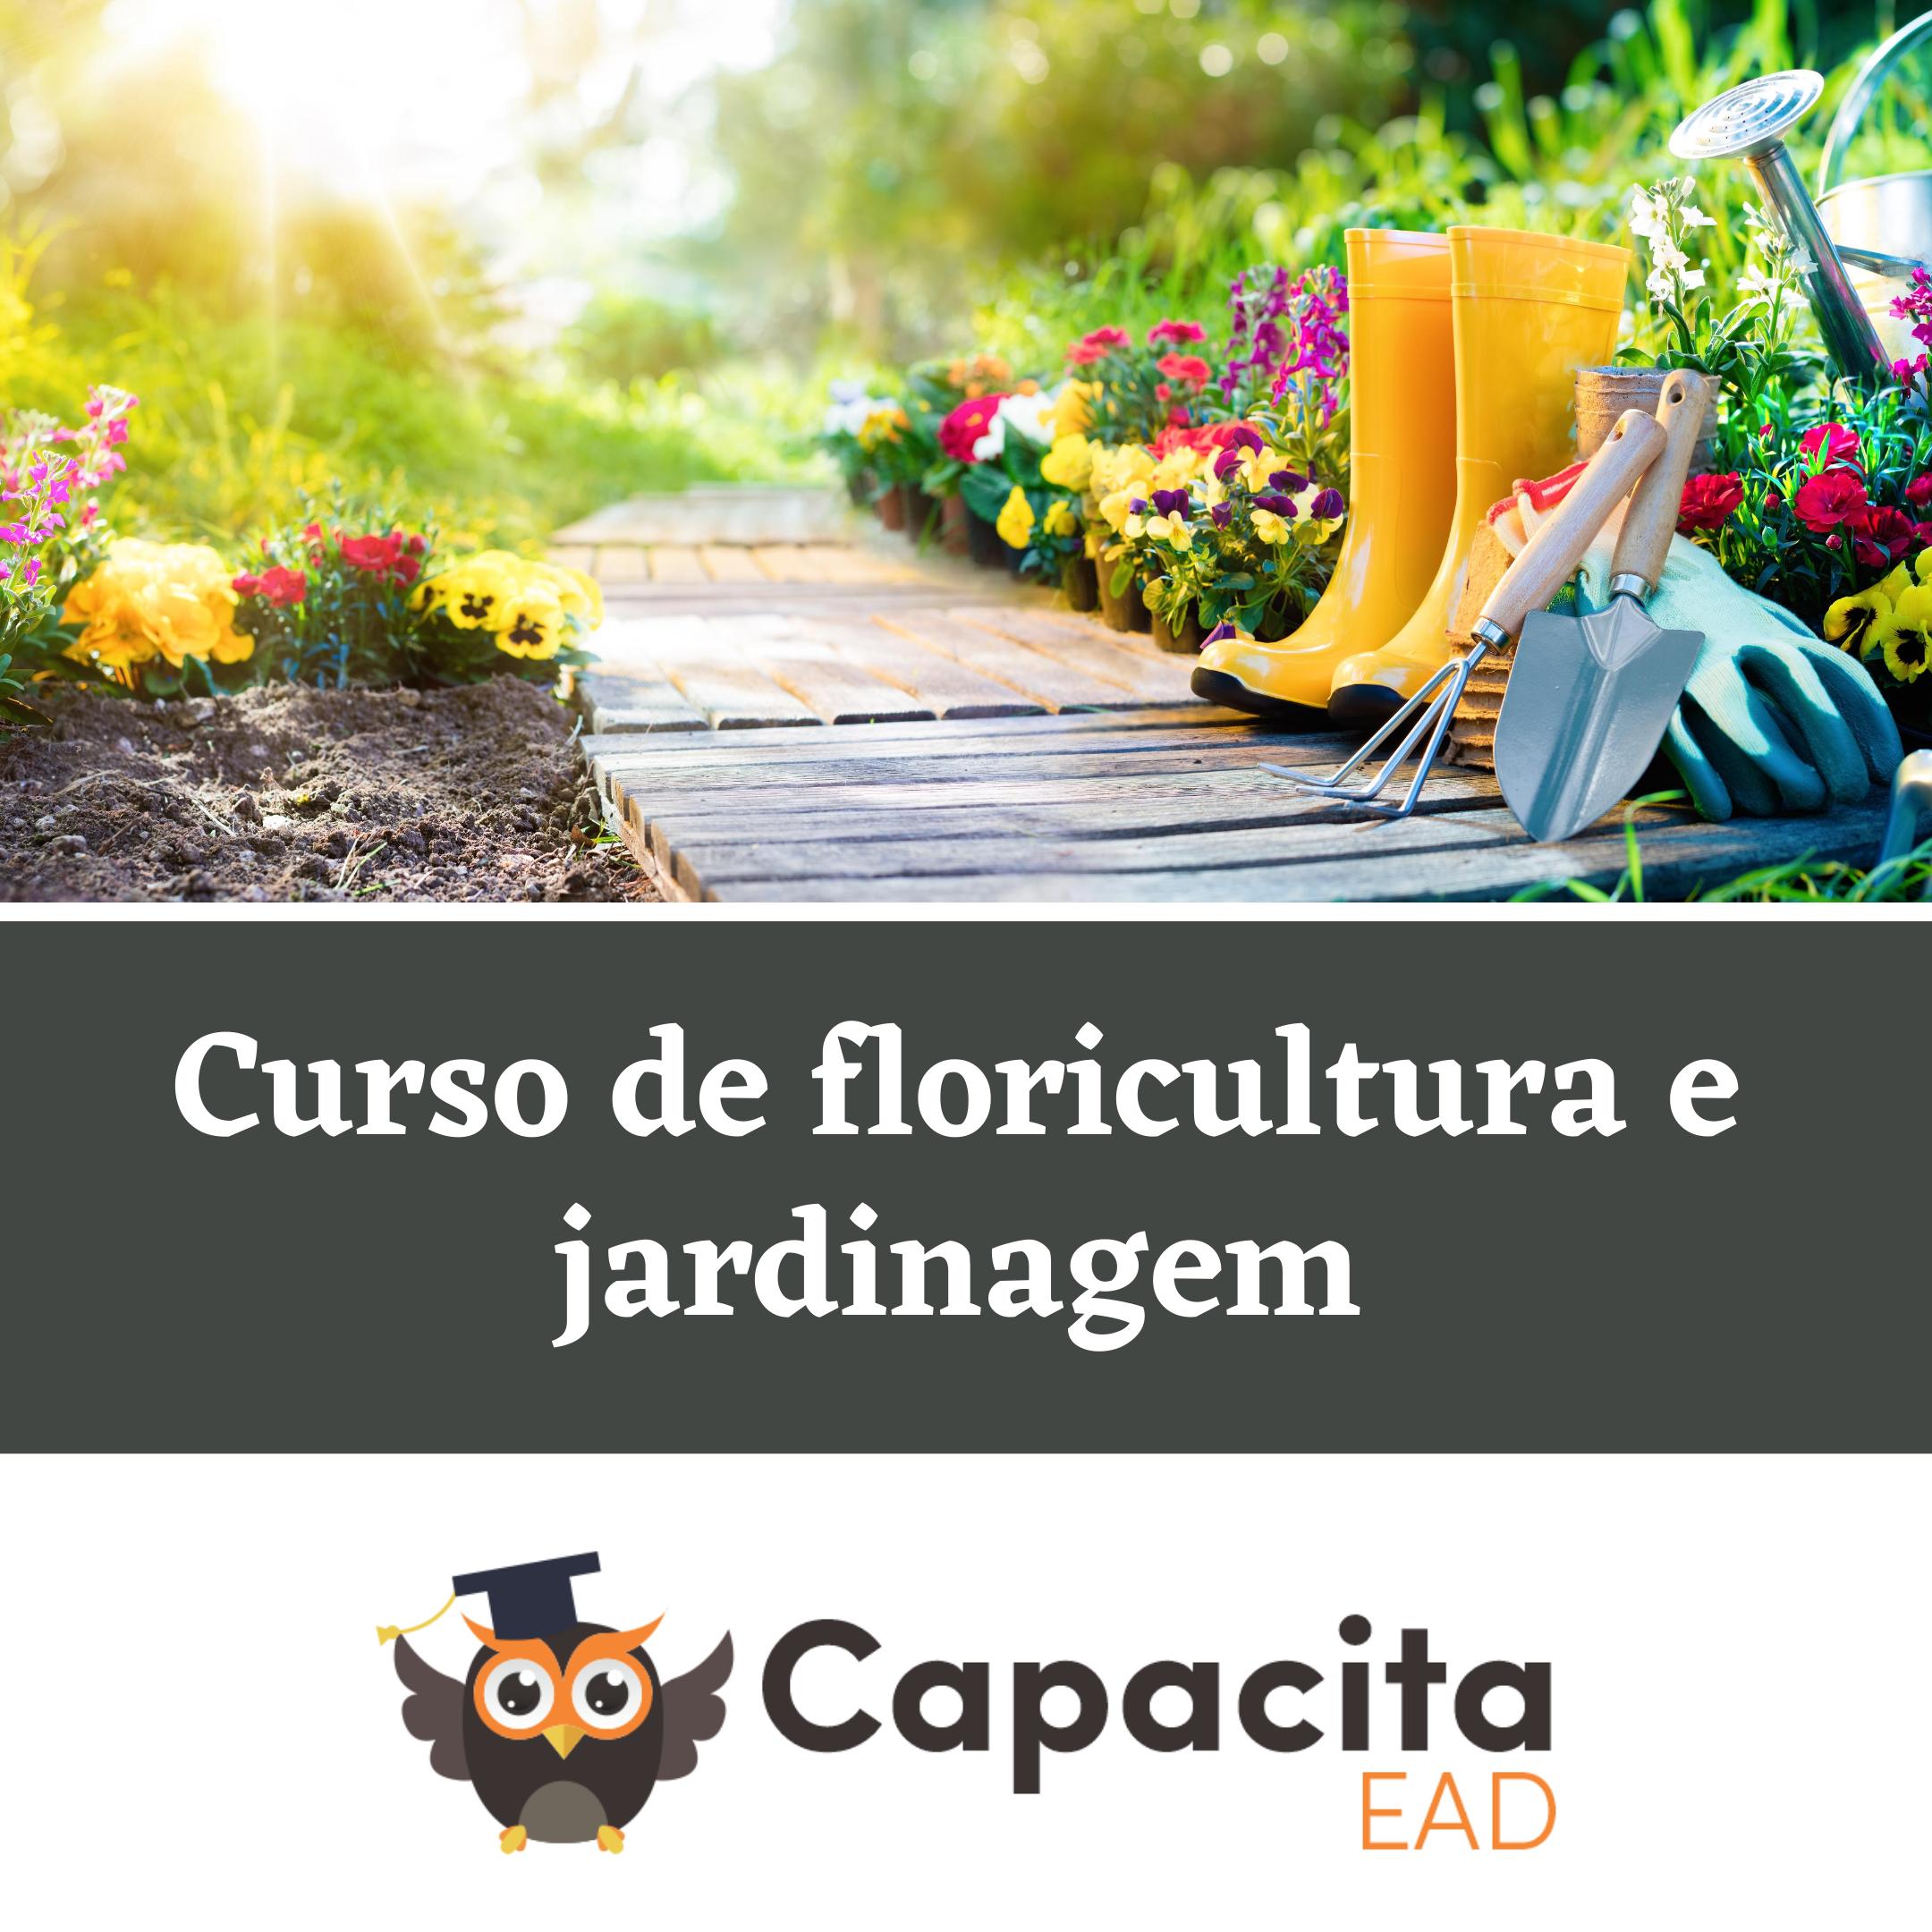 Curso de floricultura e jardinagem